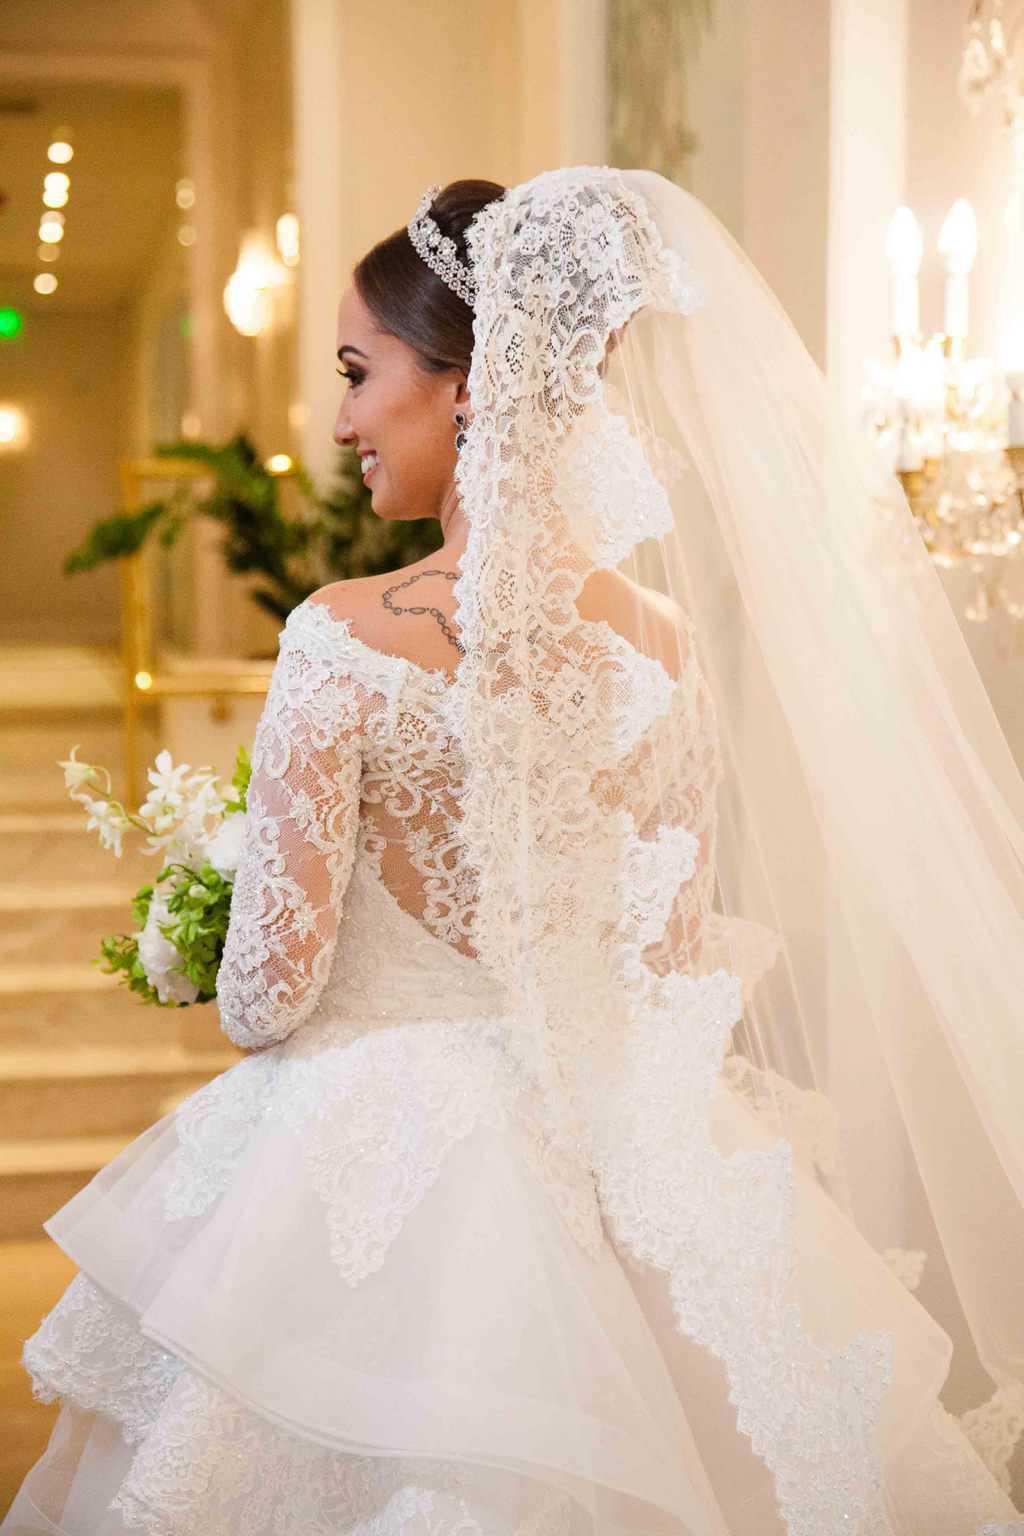 Casamento-Clássico-Casamento-tradicional-Copacabana-Palace-Monica-Roias-Poses-noiva-Ribas-Foto-e-Vídeo-Silvio-Cruz-Tuanny-e-Bernardo-CaseMe-4